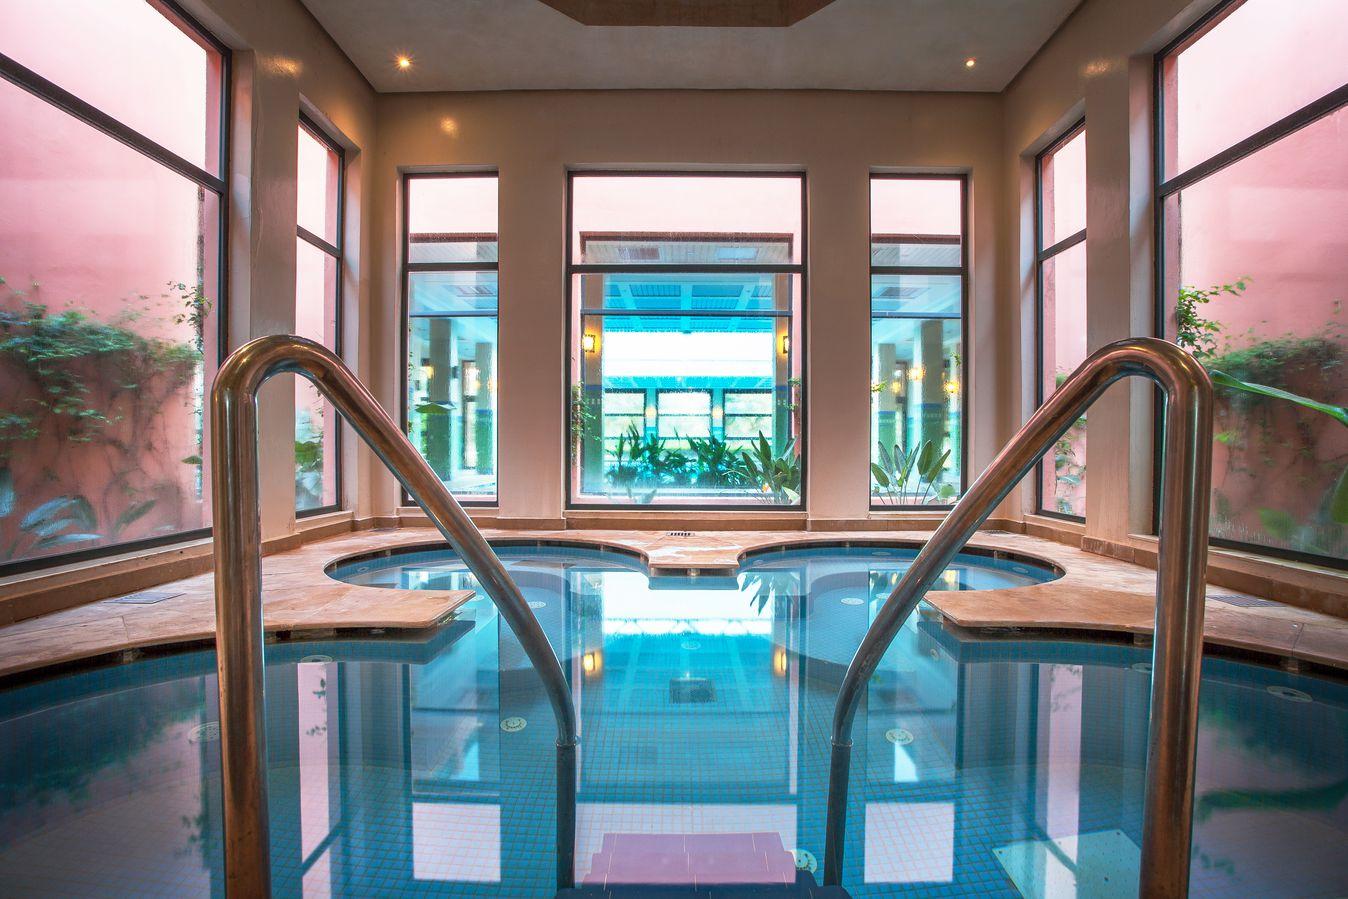 Les Jardins De L'agdal Hotel & Spa - 5* dedans Les Jardins De L Agdal Hotel & Spa